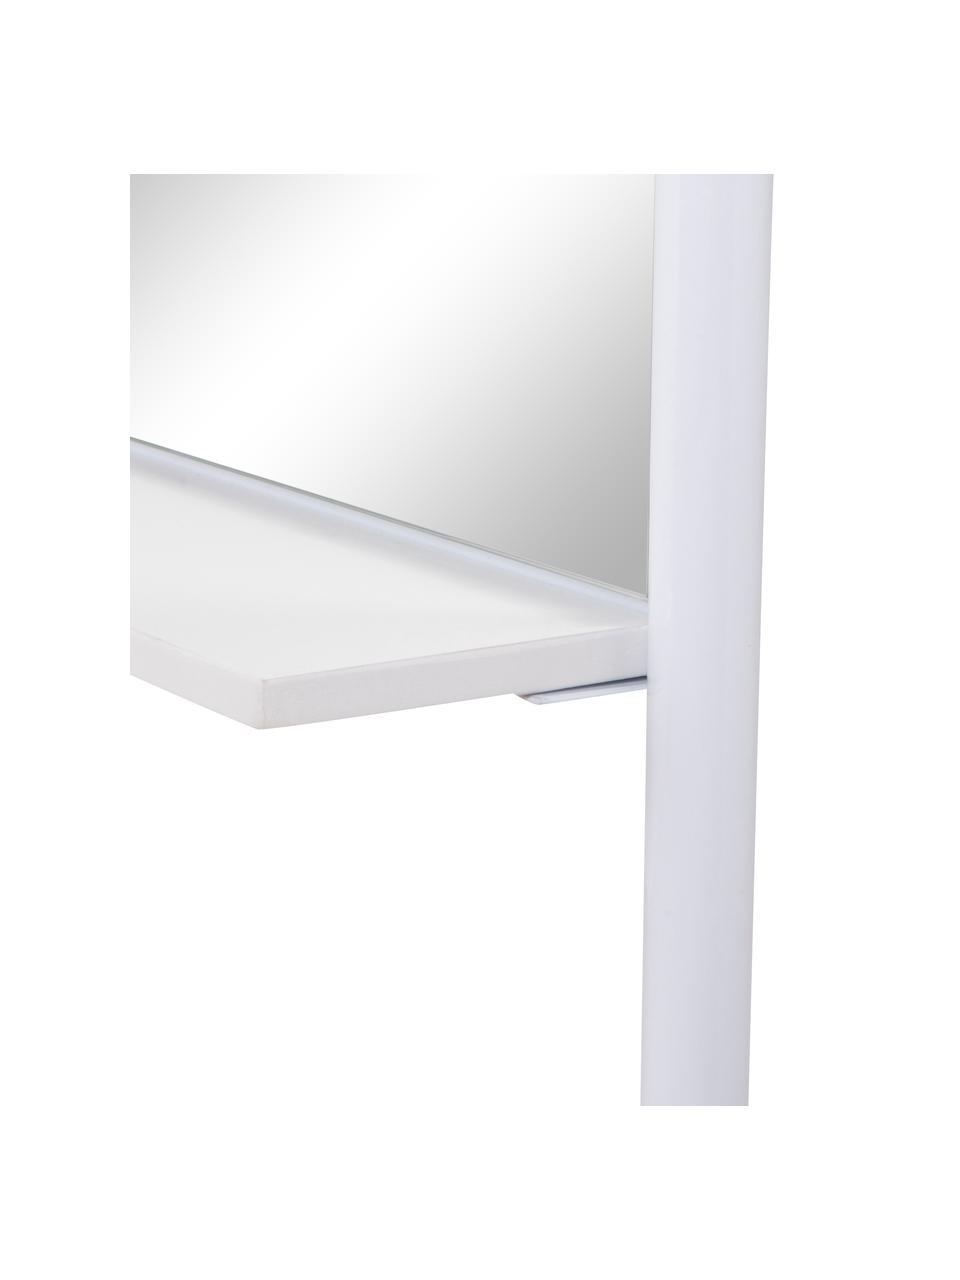 Eckiger Anlehnspiegel Dresser mit Ablagefläche, Rahmen: Metall, Füße: Holz, Spiegelfläche: Spiegelglas, Weiß, Beige, 48 x 171 cm